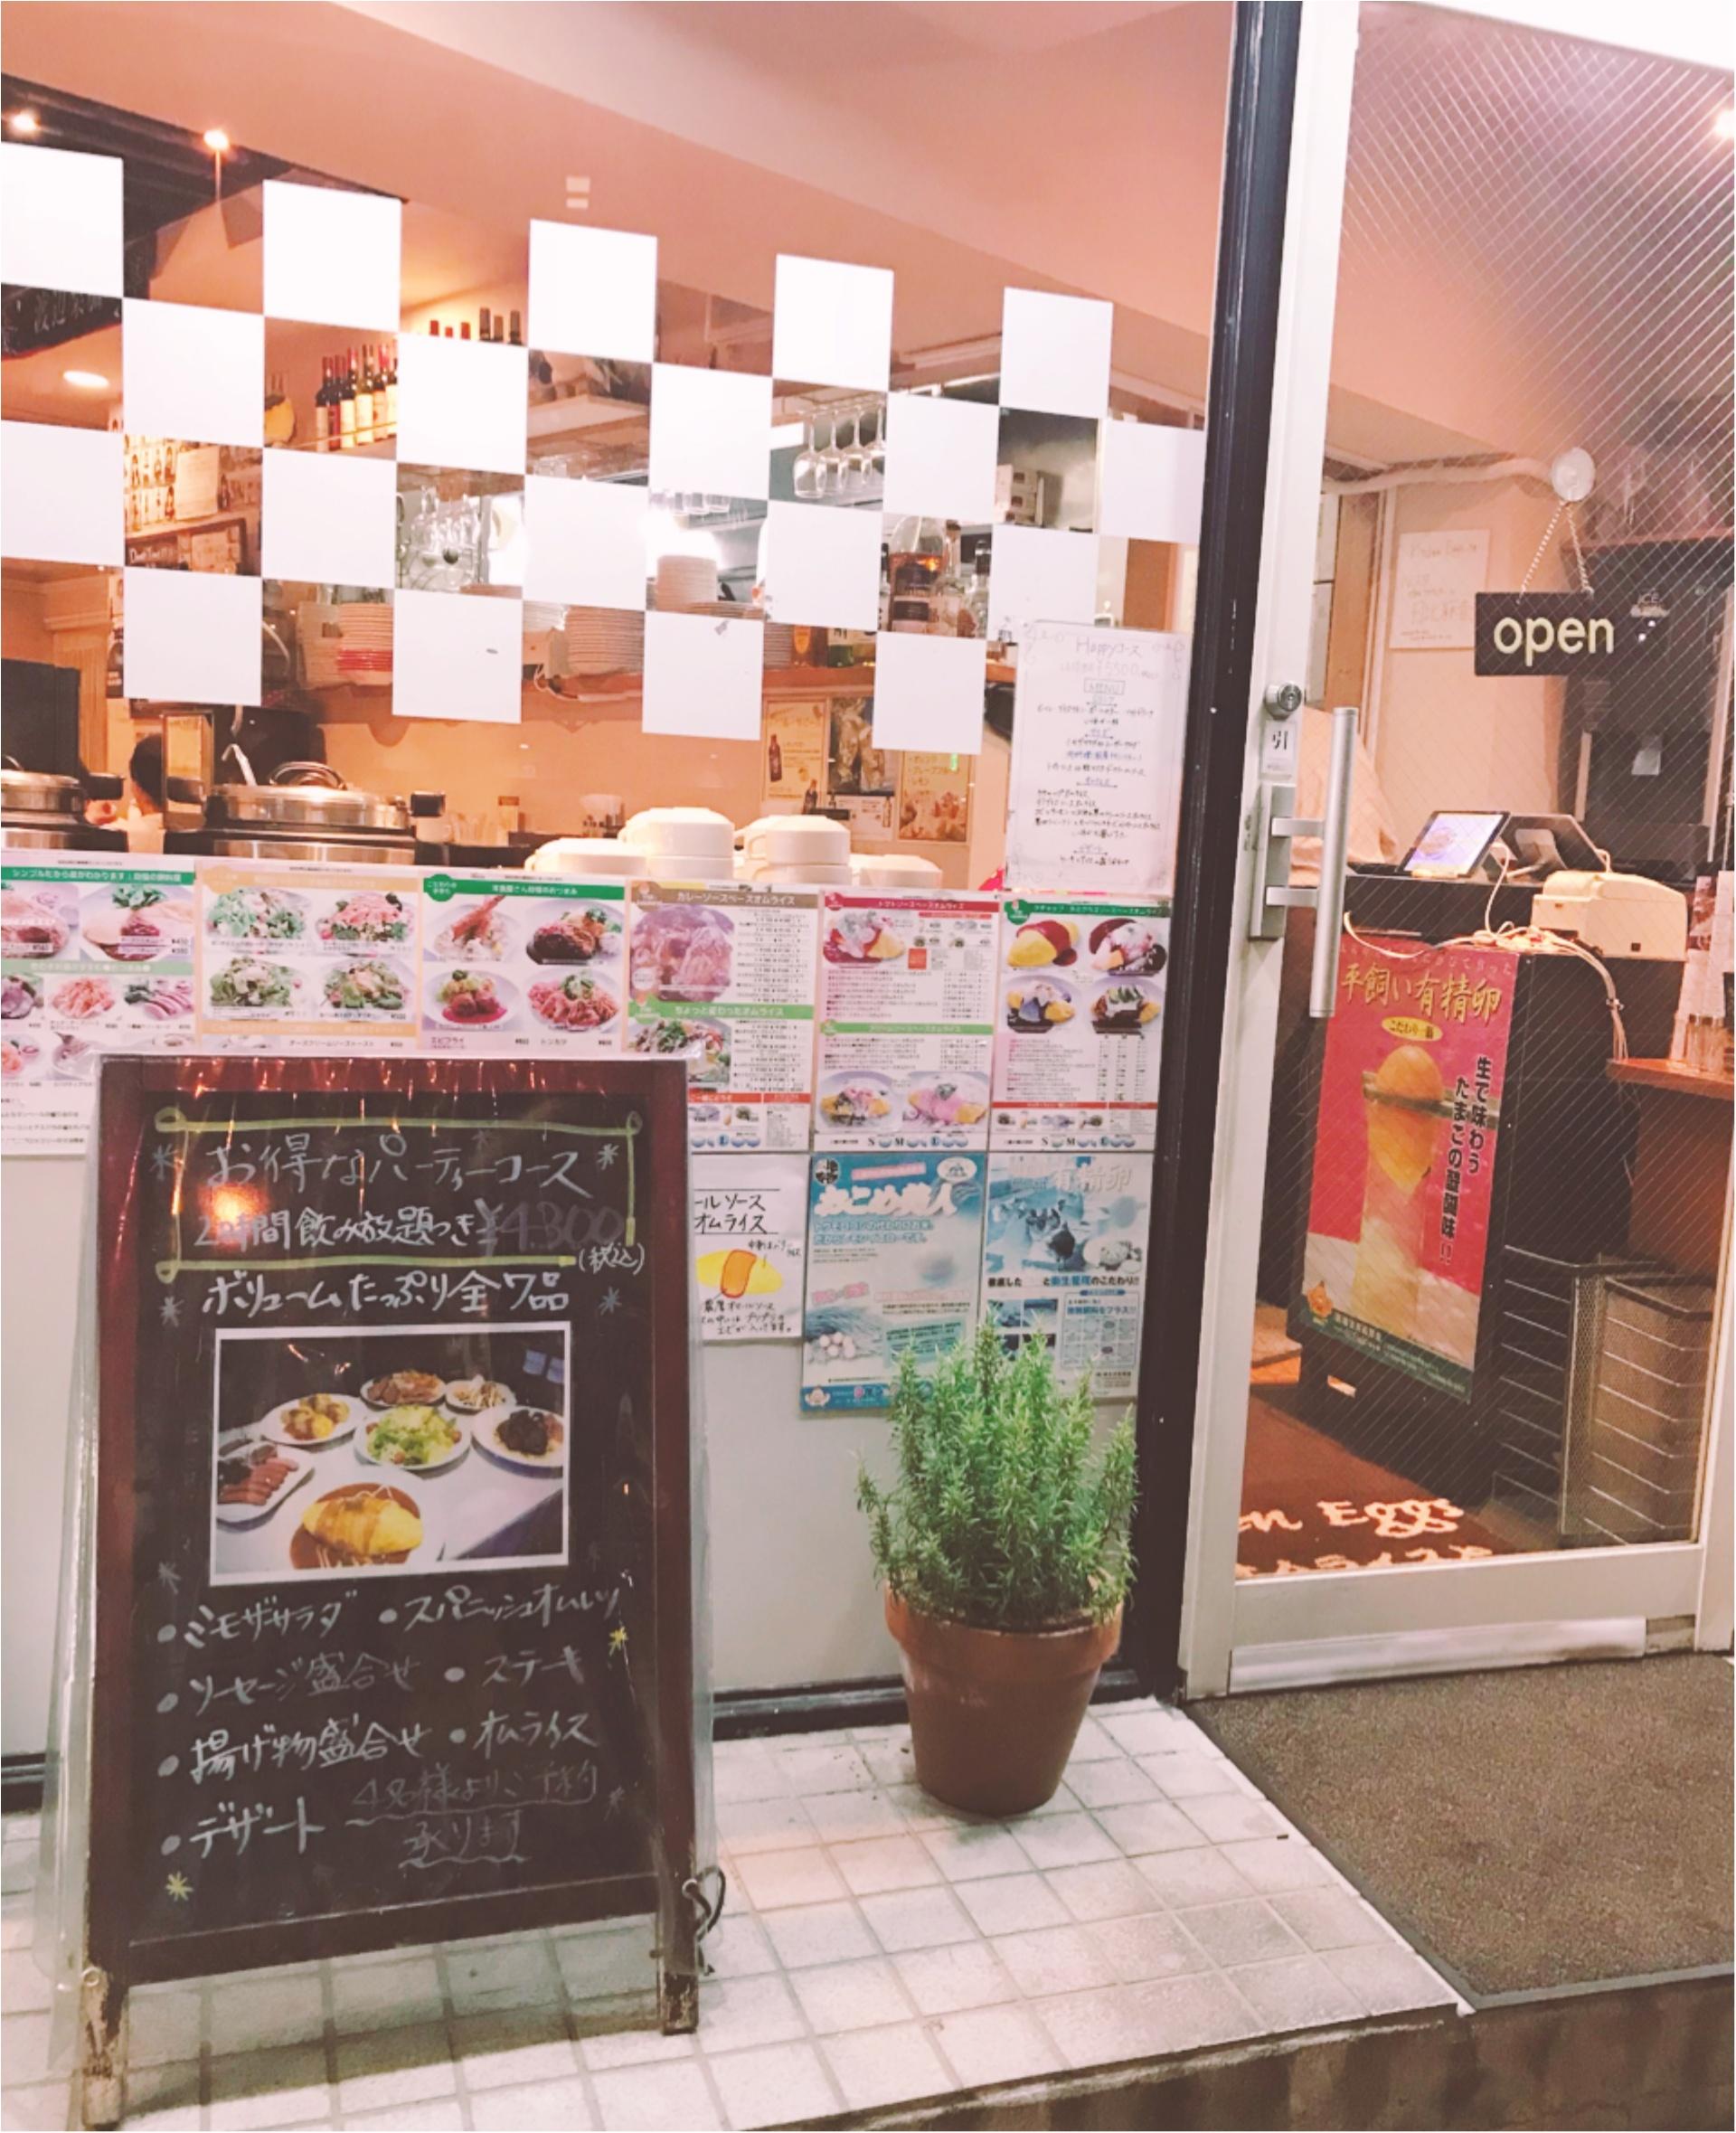 【欅坂46も来店】人気のオムライス屋さん_7